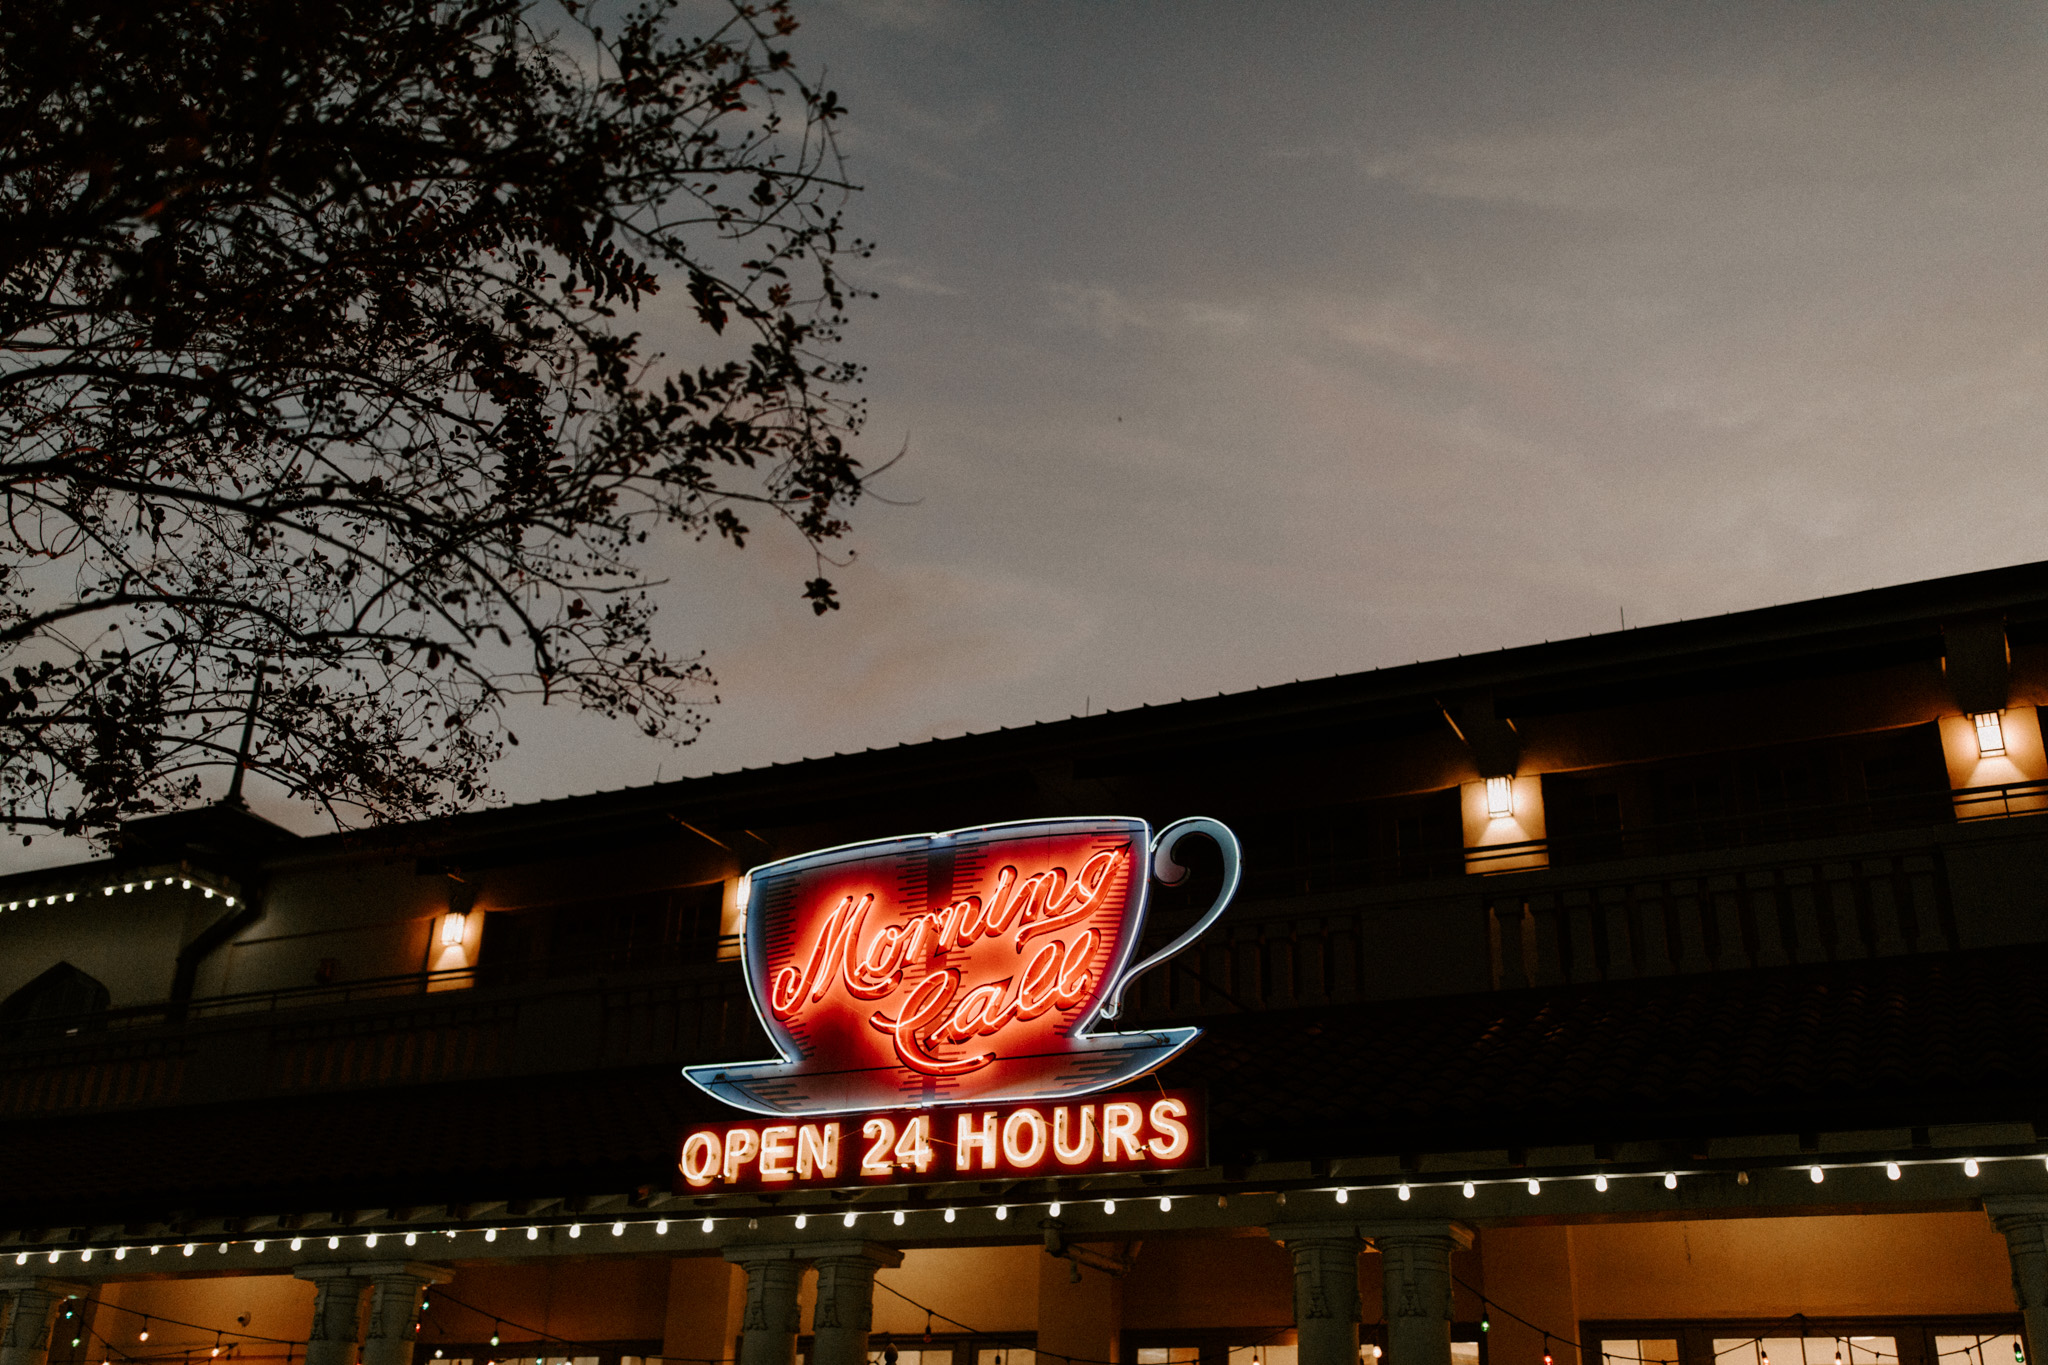 New Orleans Sunrise Elopement